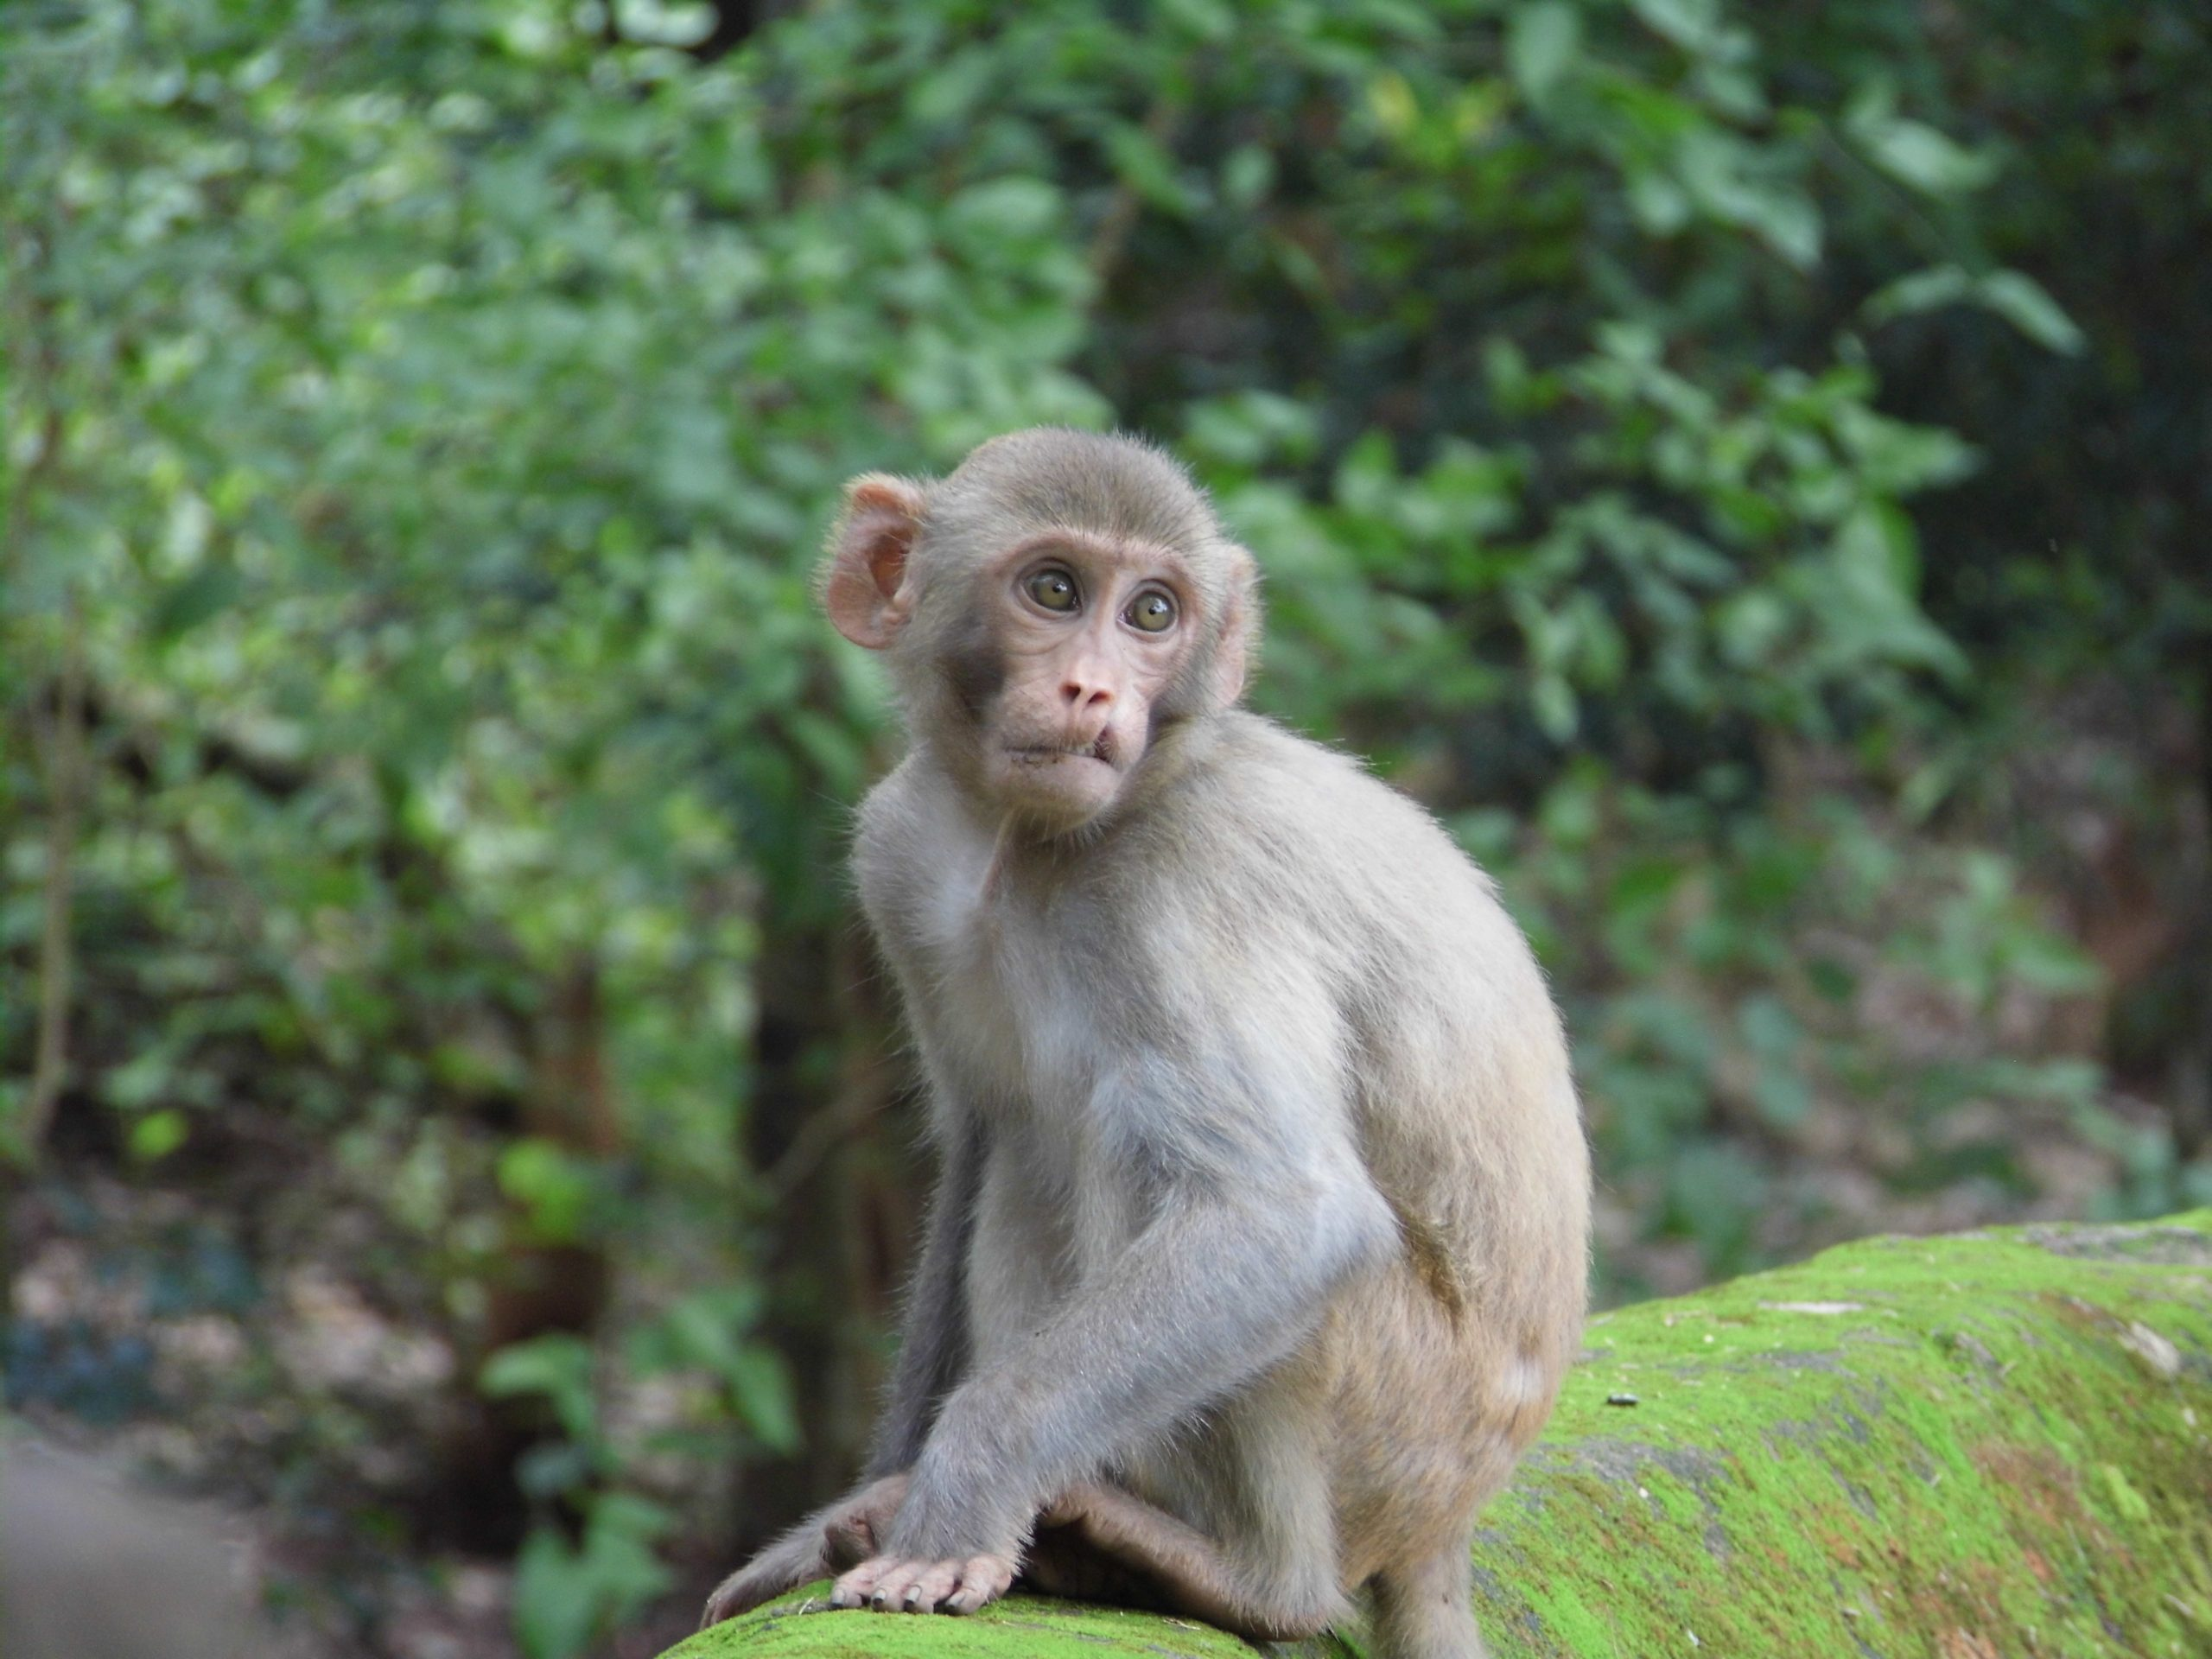 A monkey on a rock